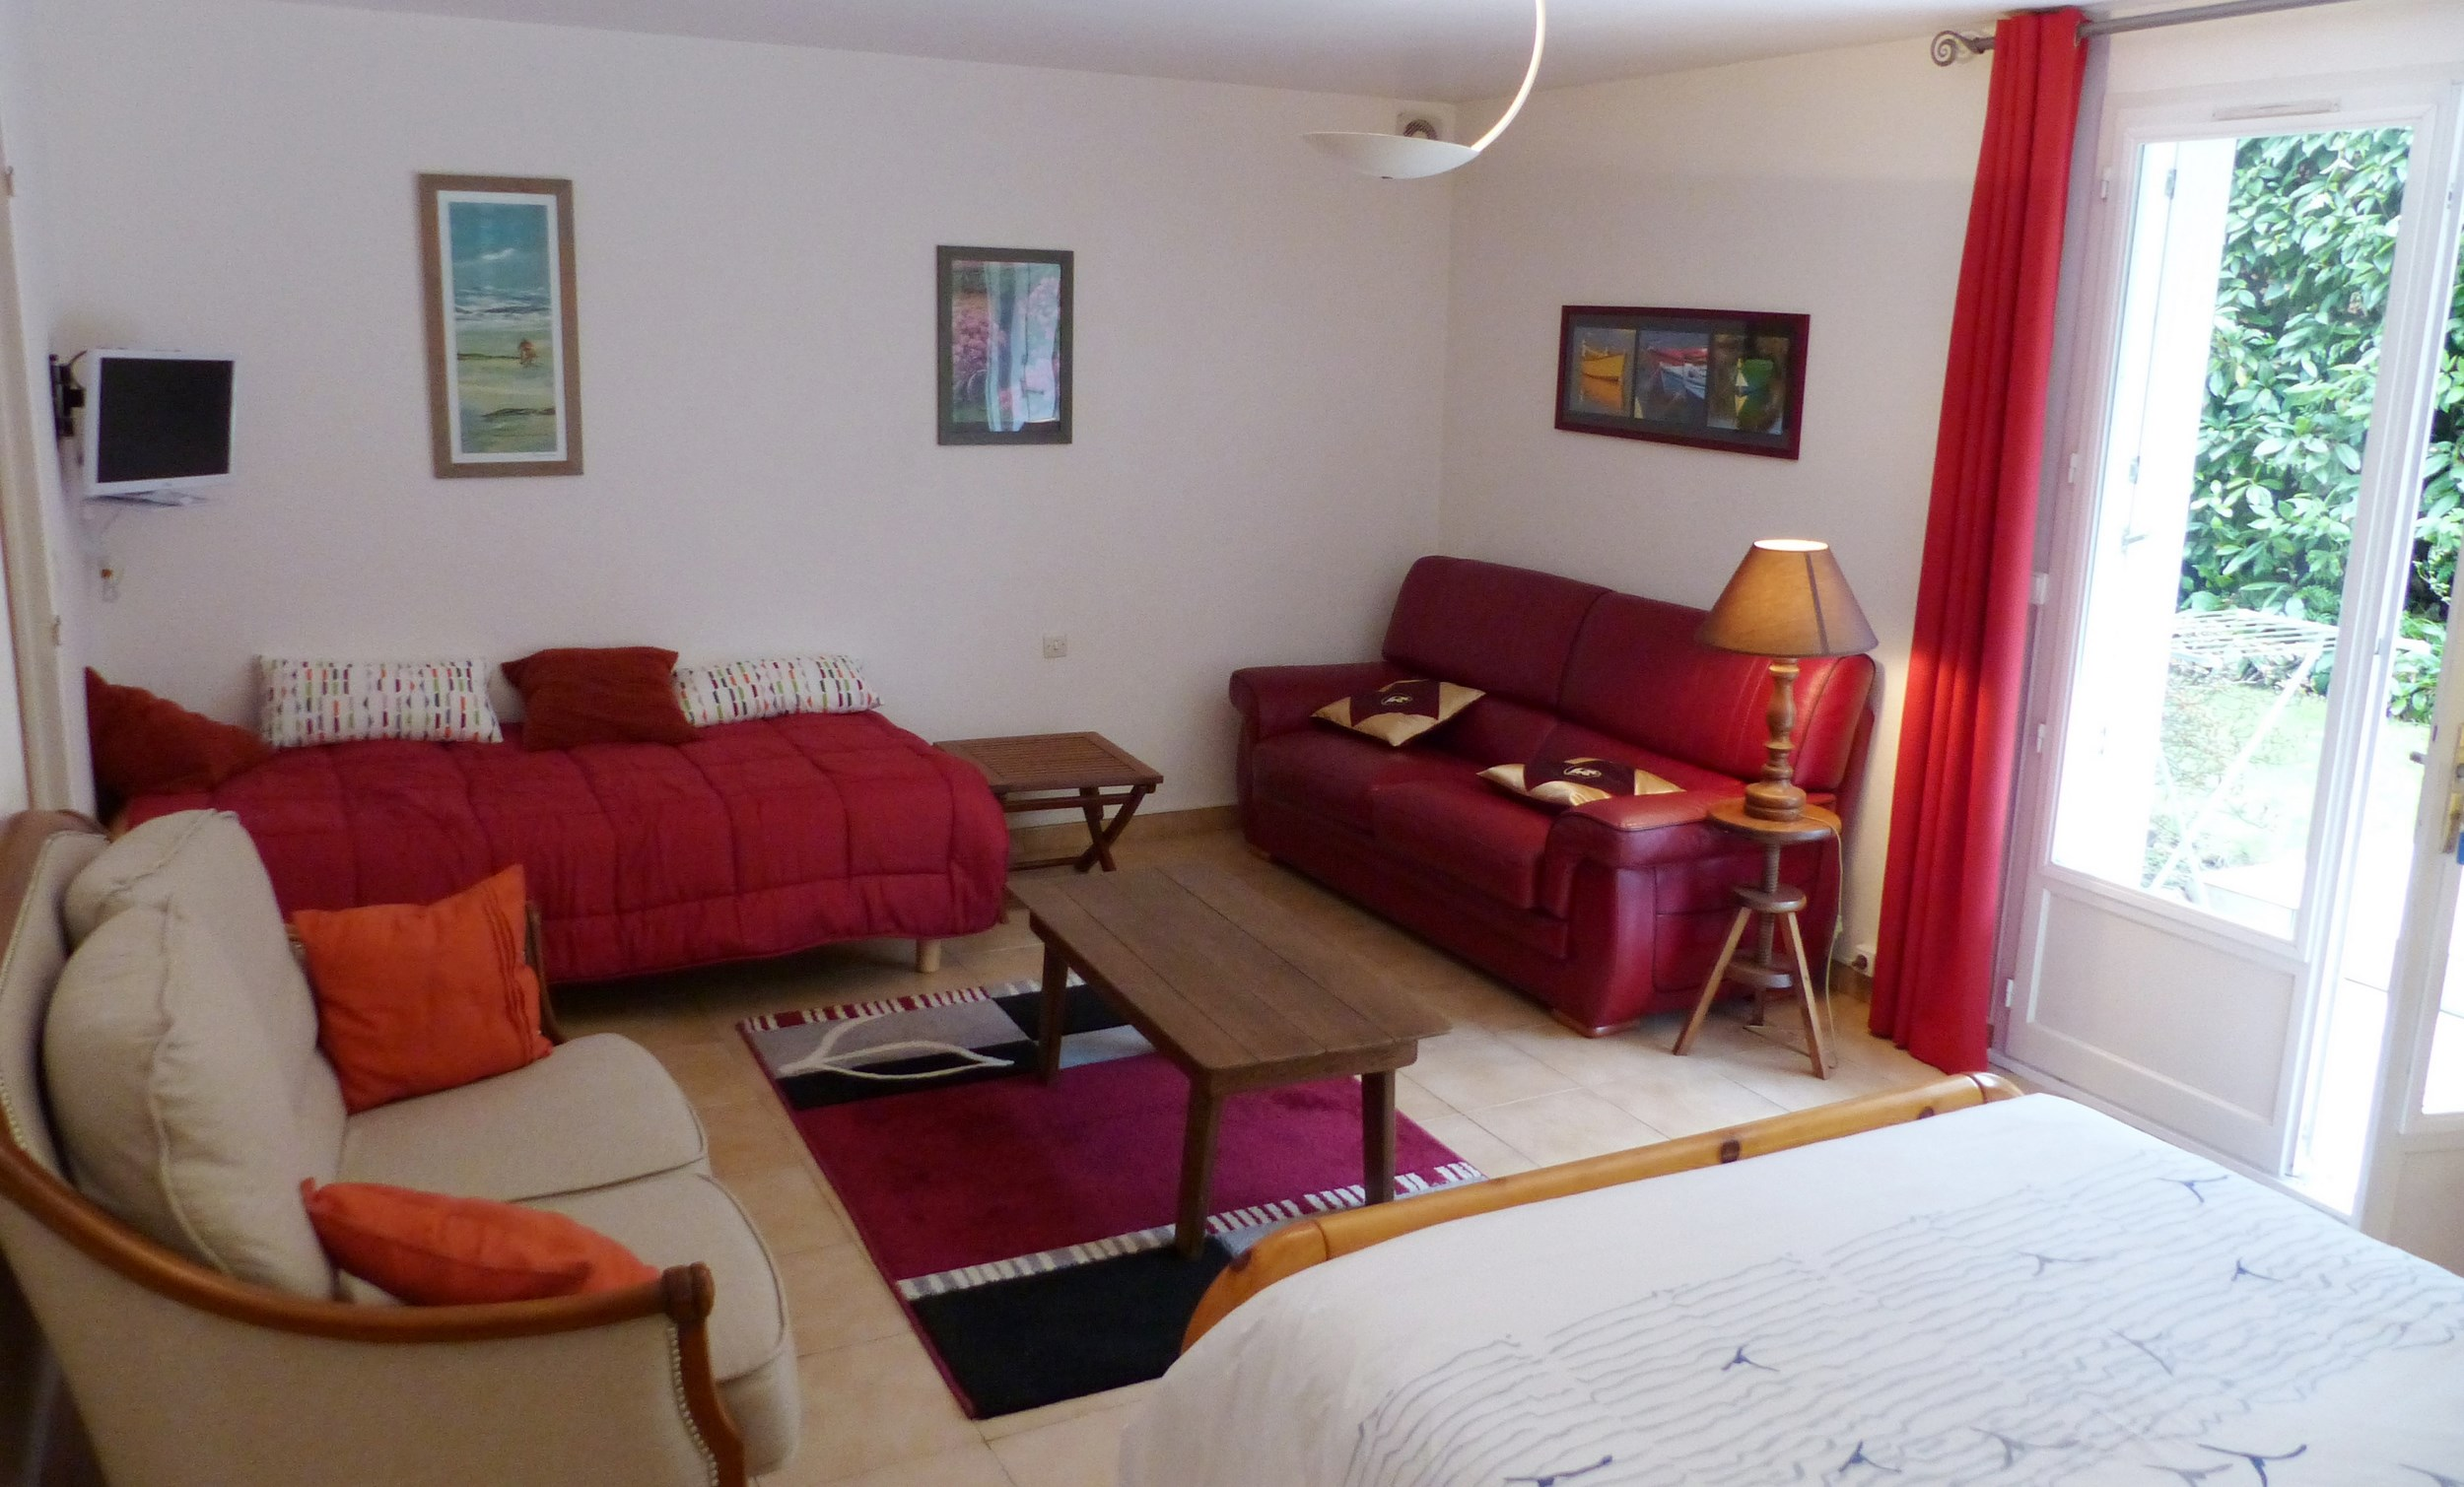 perronno chambre d 39 h tes hennebont lorient tourisme. Black Bedroom Furniture Sets. Home Design Ideas